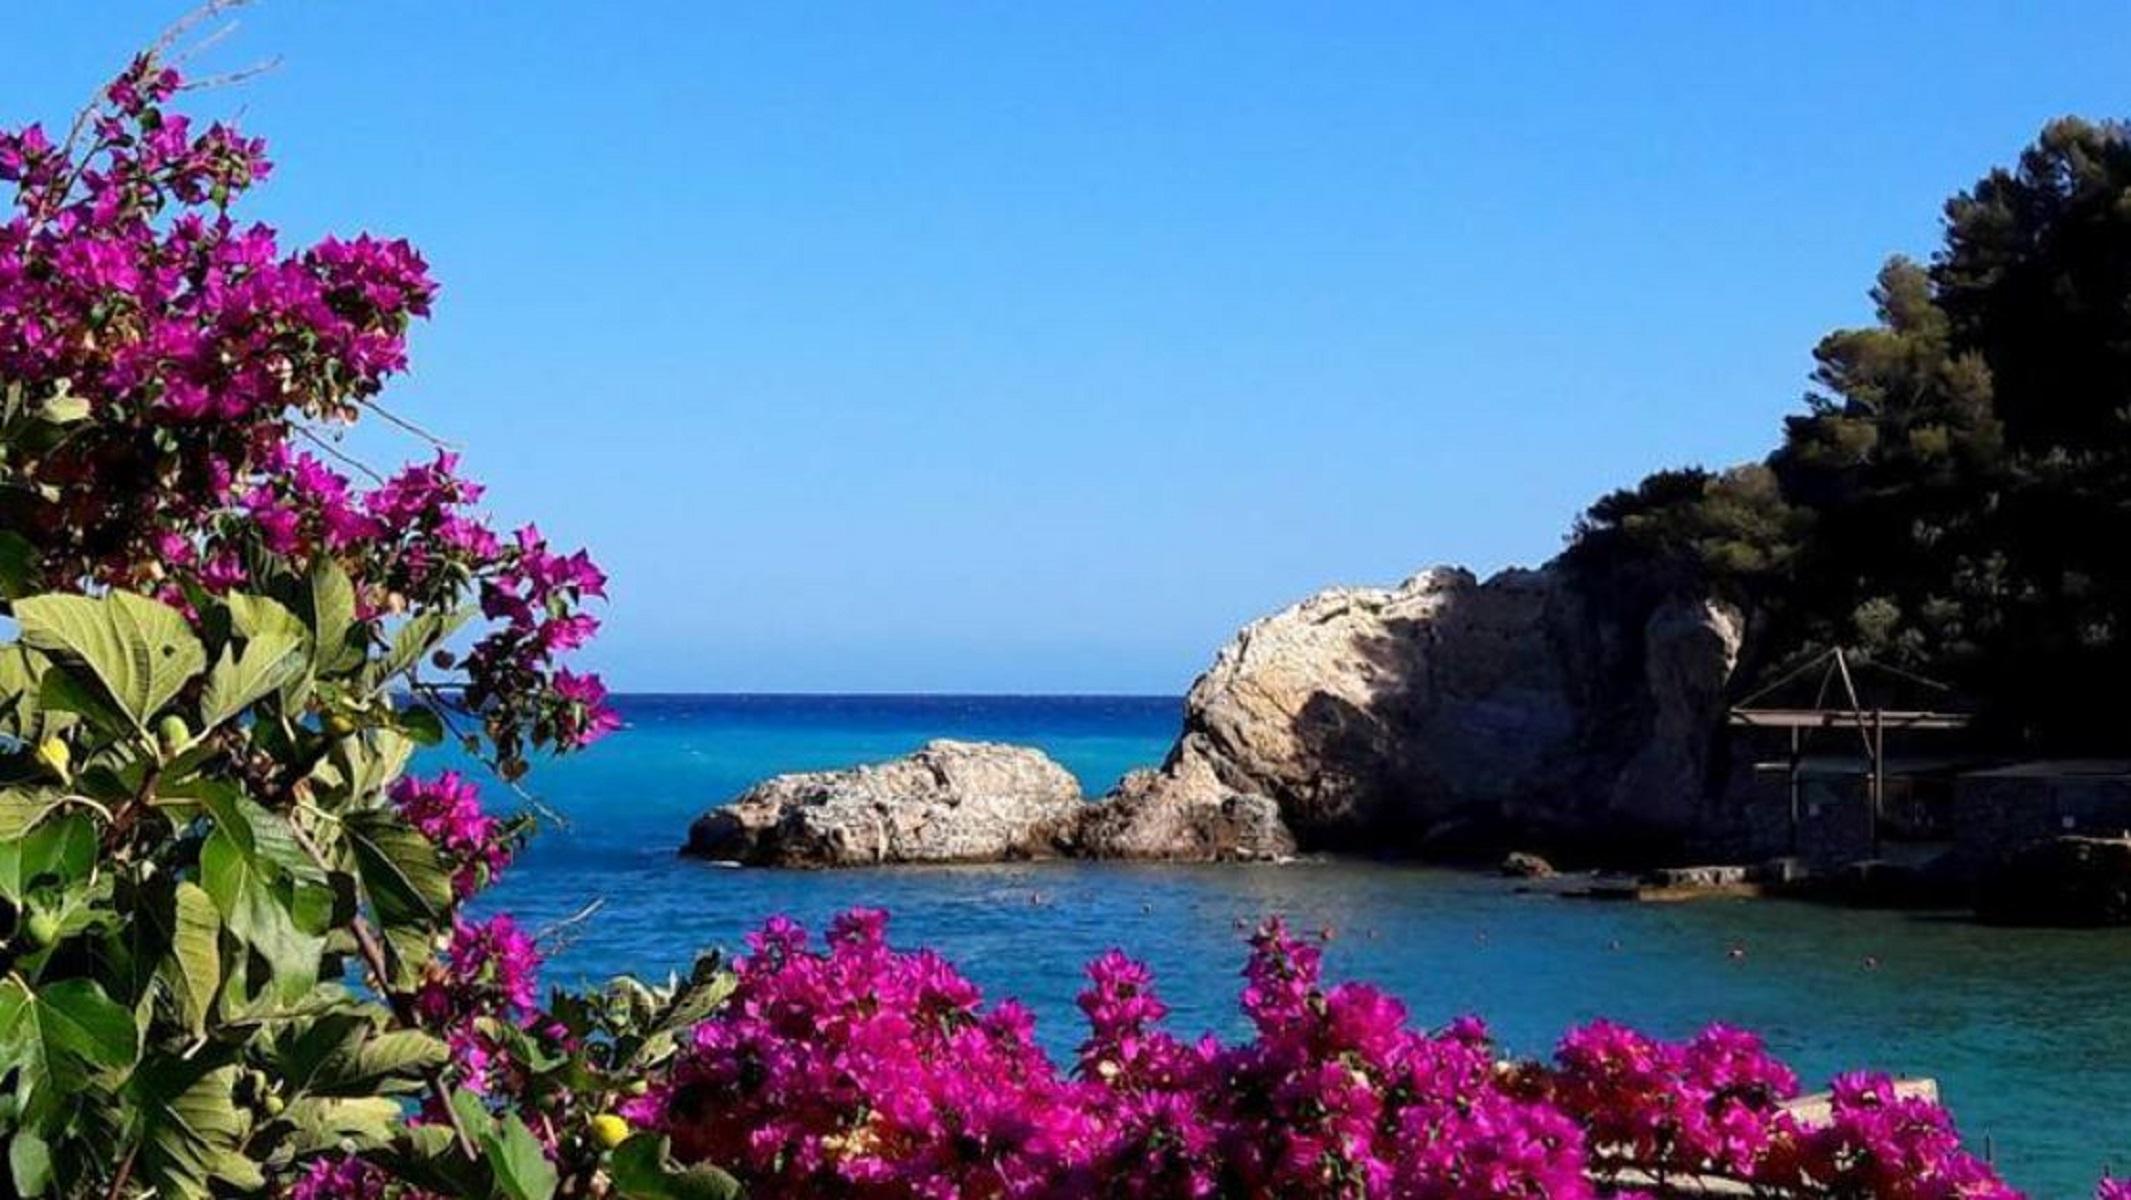 Bandiere Blu 2019, le migliori spiagge della Liguria